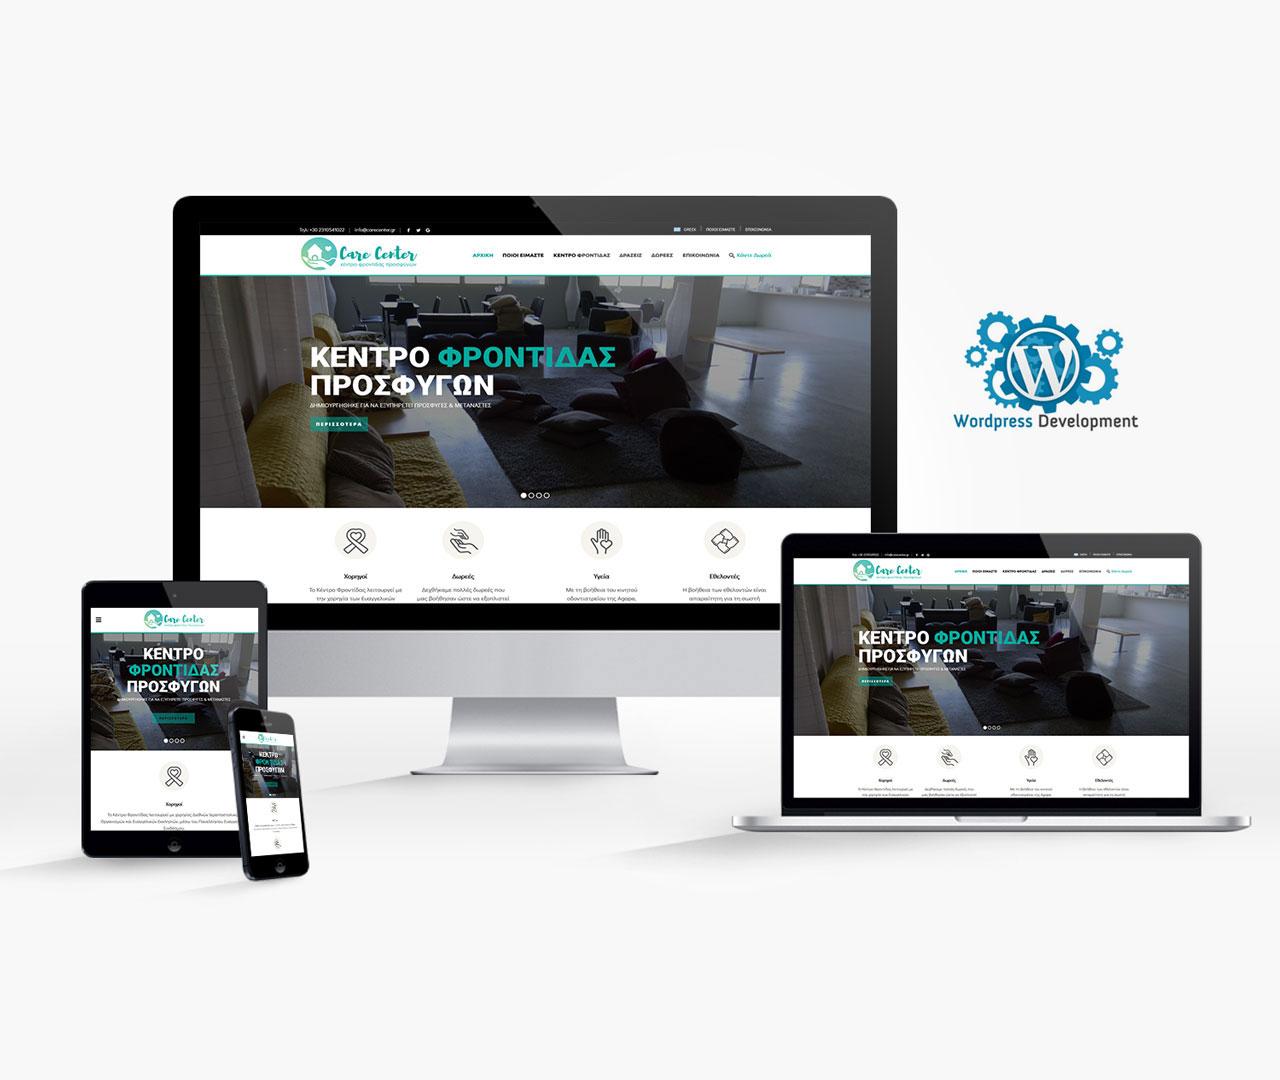 CareCenter Website